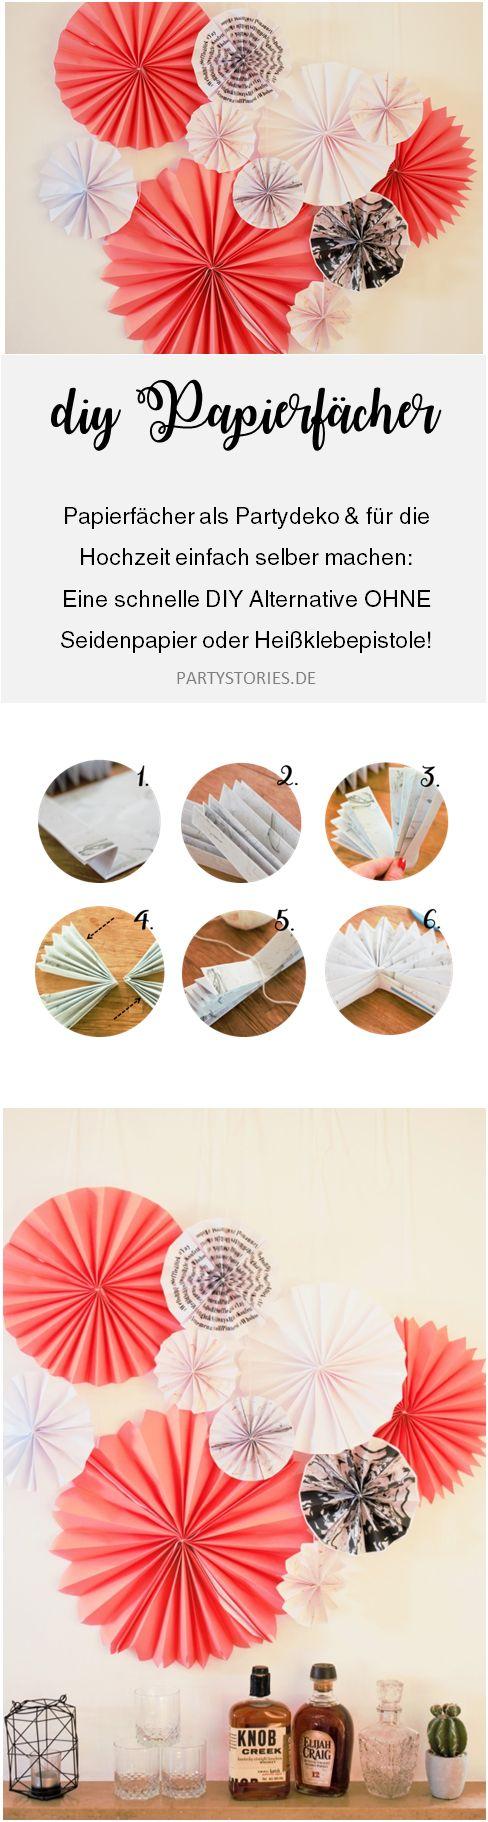 DIY Papier Rosetten und Papierfächer - mit dieser Anleitung Papierfalter als Partydeko und Hochzeitsdeko einfach selber machen, gefunden auf www.Partystories.de